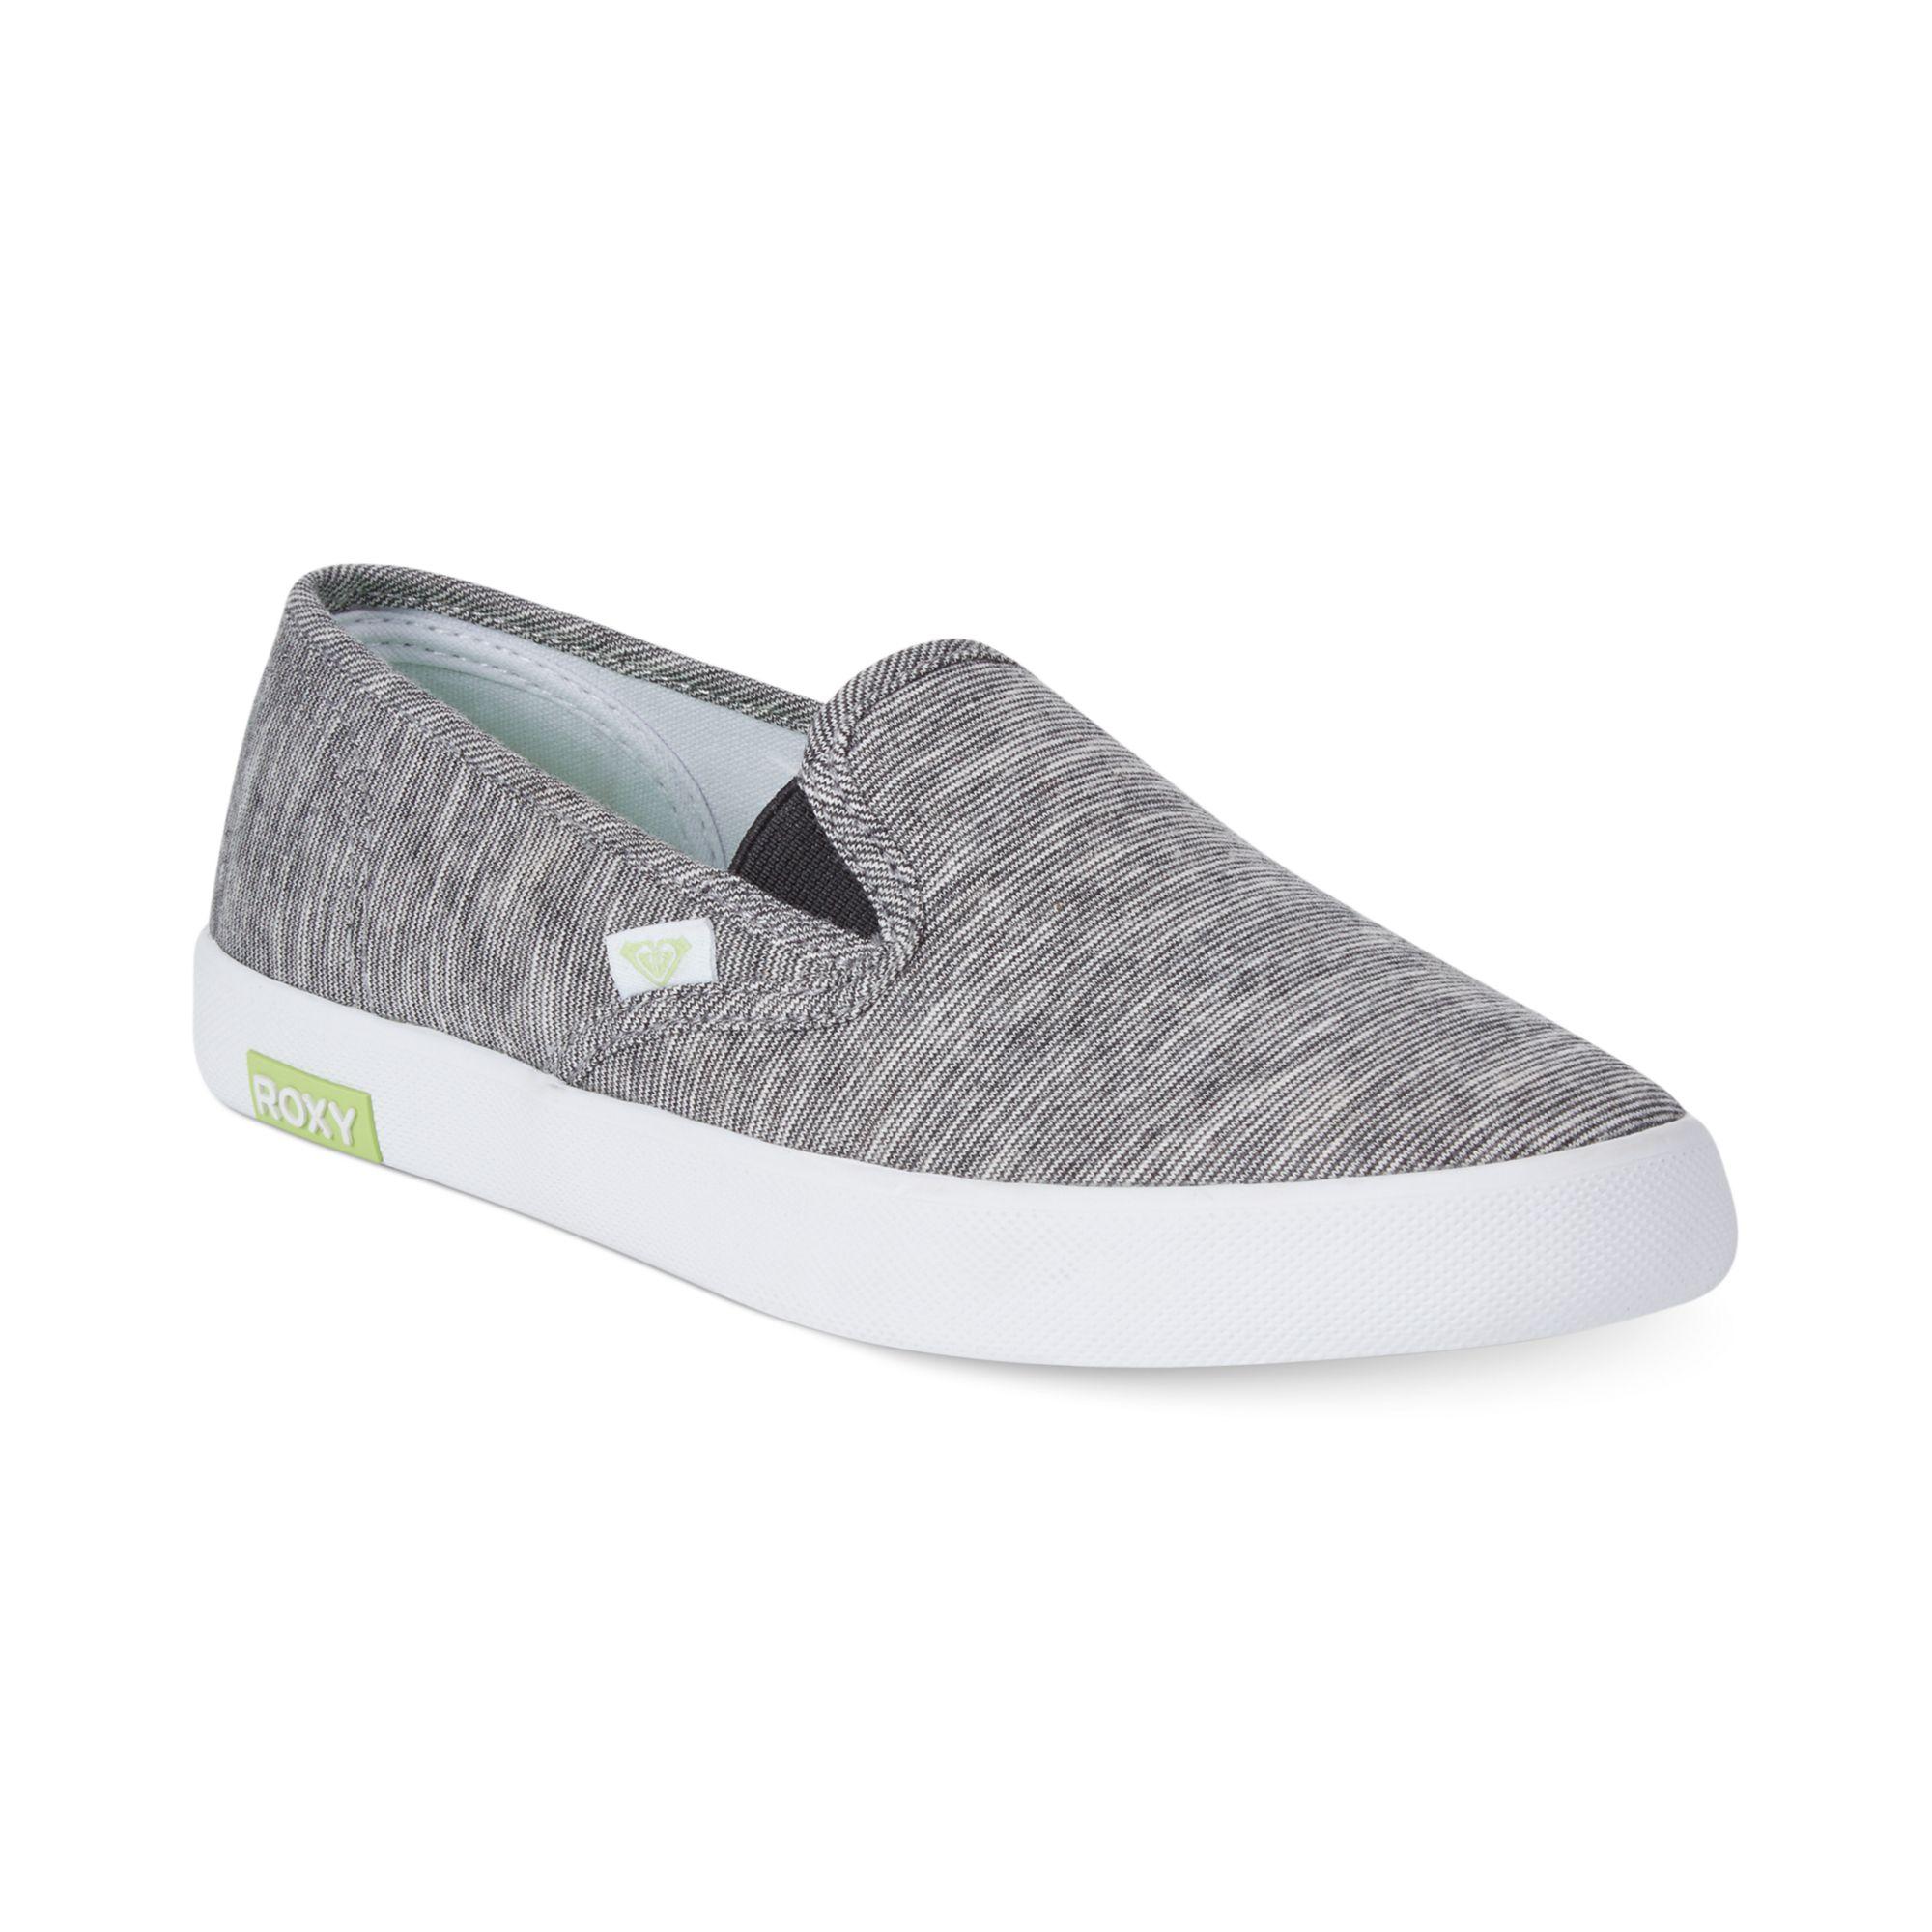 Roxy Ventura Slip On Sneakers in Gray